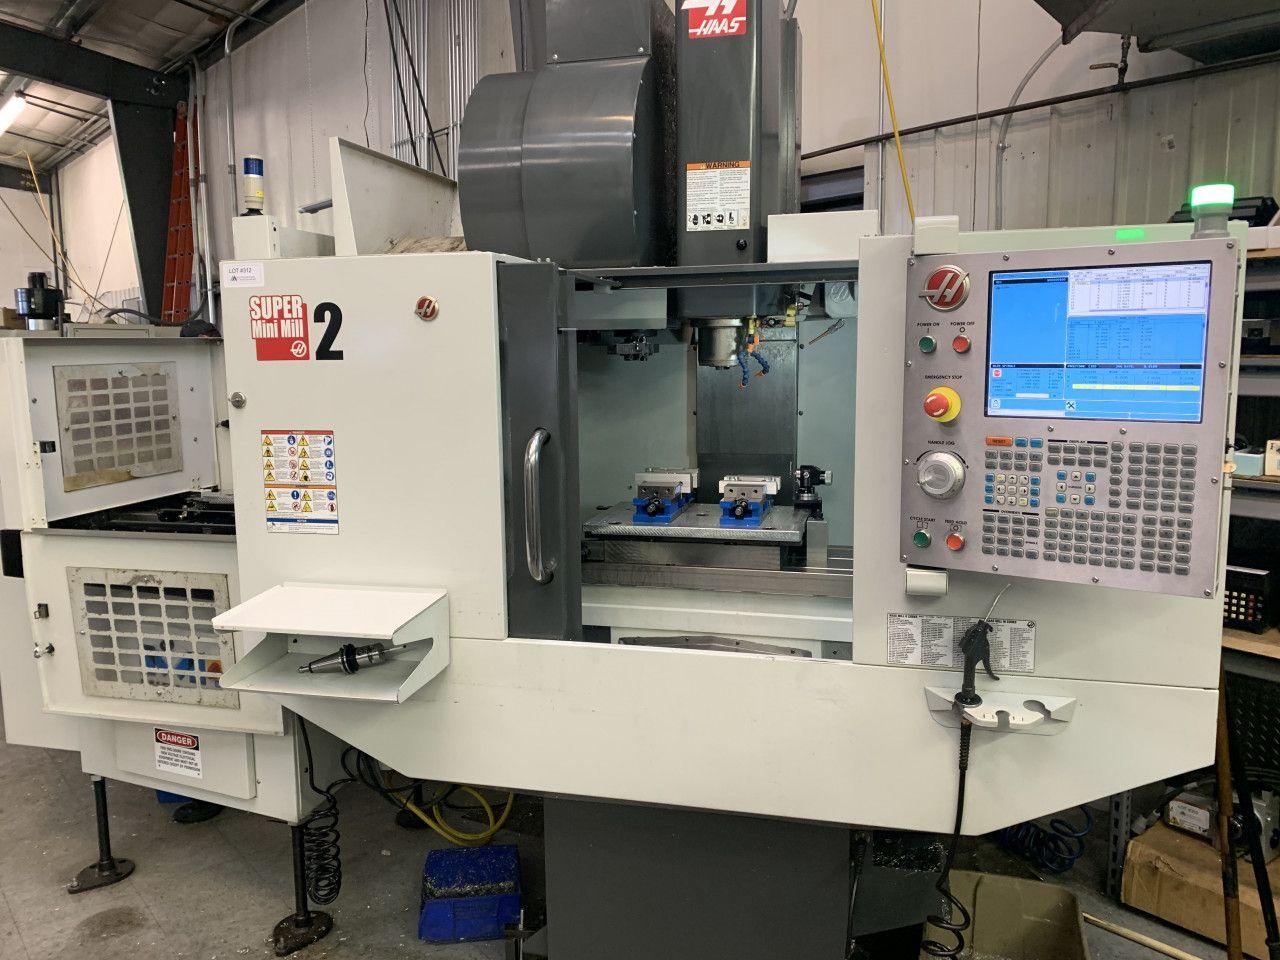 Haas Super Mini Mll 2 Vertikal-Bearbeitungszentrum W Midico Palettenwechsler